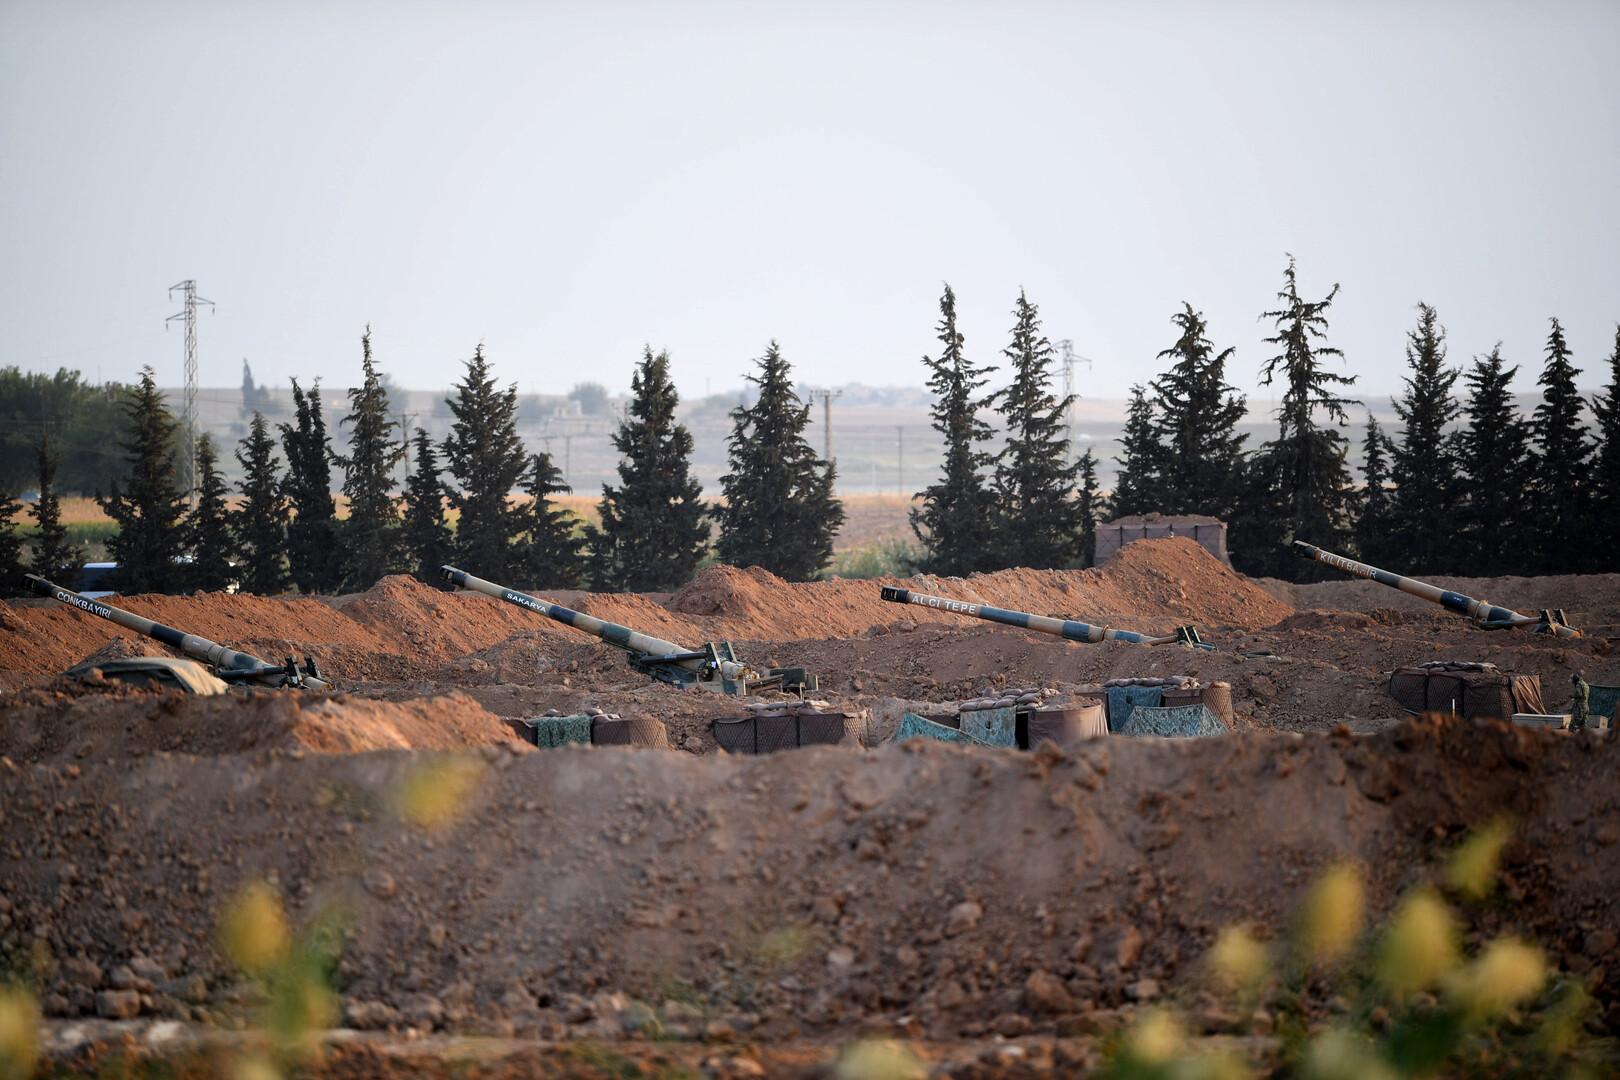 مراسلنا ينفي سيطرة القوات التركية أو أي قوات موالية لها على أي مواقع شمال شرقي سوريا